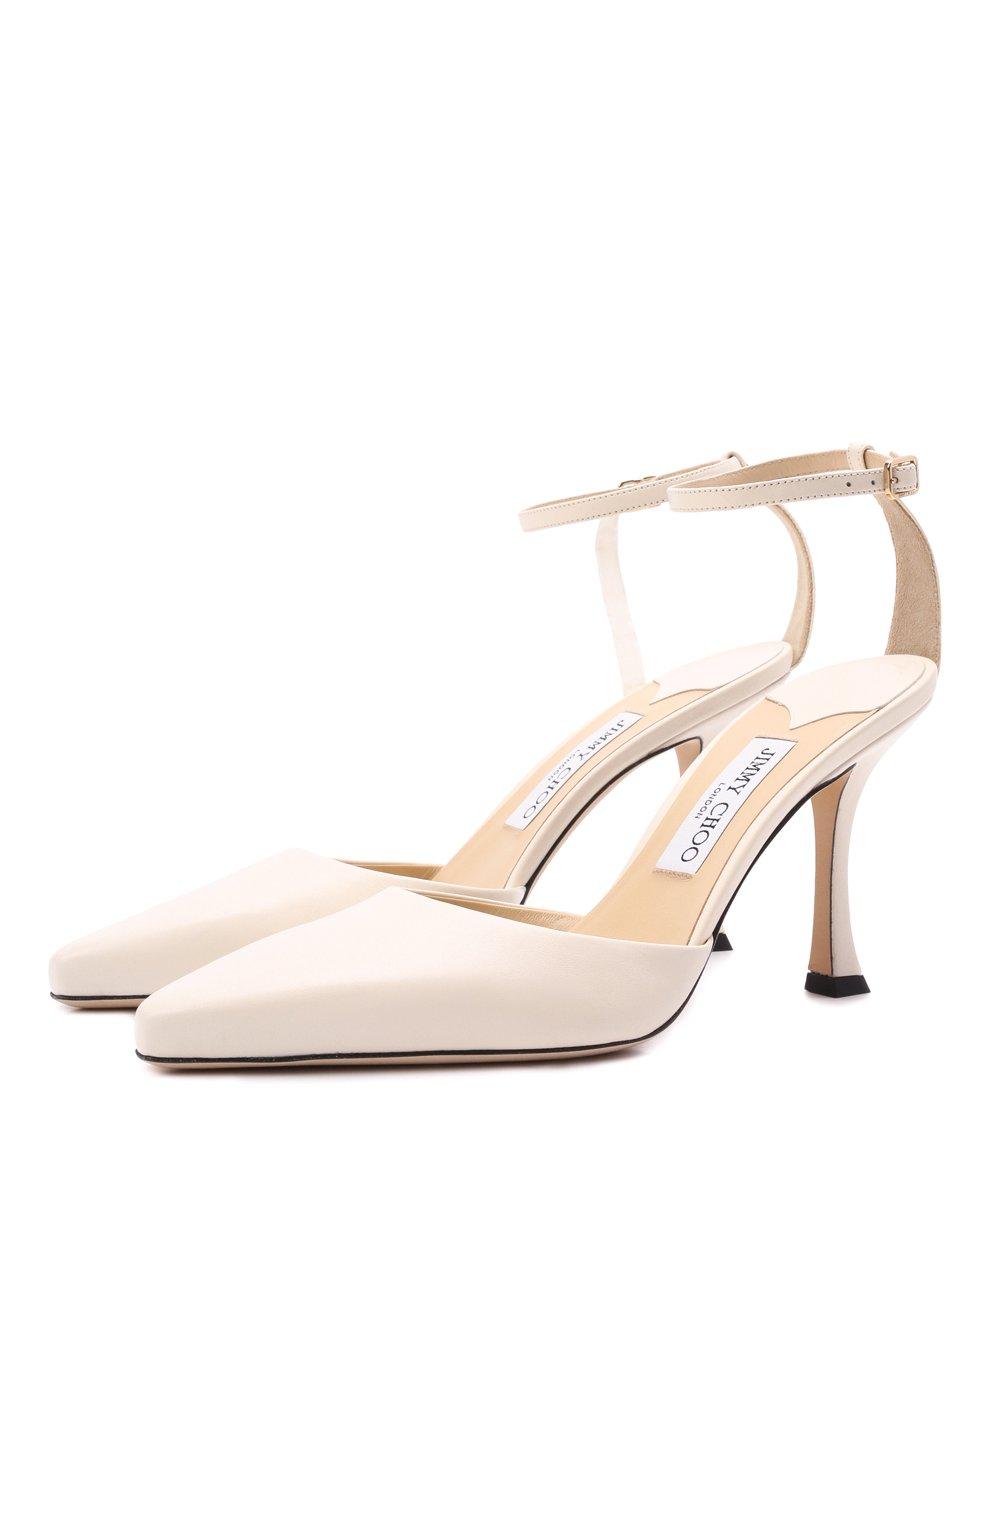 Женские кожаные туфли mair 90 JIMMY CHOO кремвого цвета, арт. MAIR 90/NAP   Фото 1 (Каблук высота: Высокий; Материал внутренний: Натуральная кожа; Каблук тип: Шпилька; Подошва: Плоская)